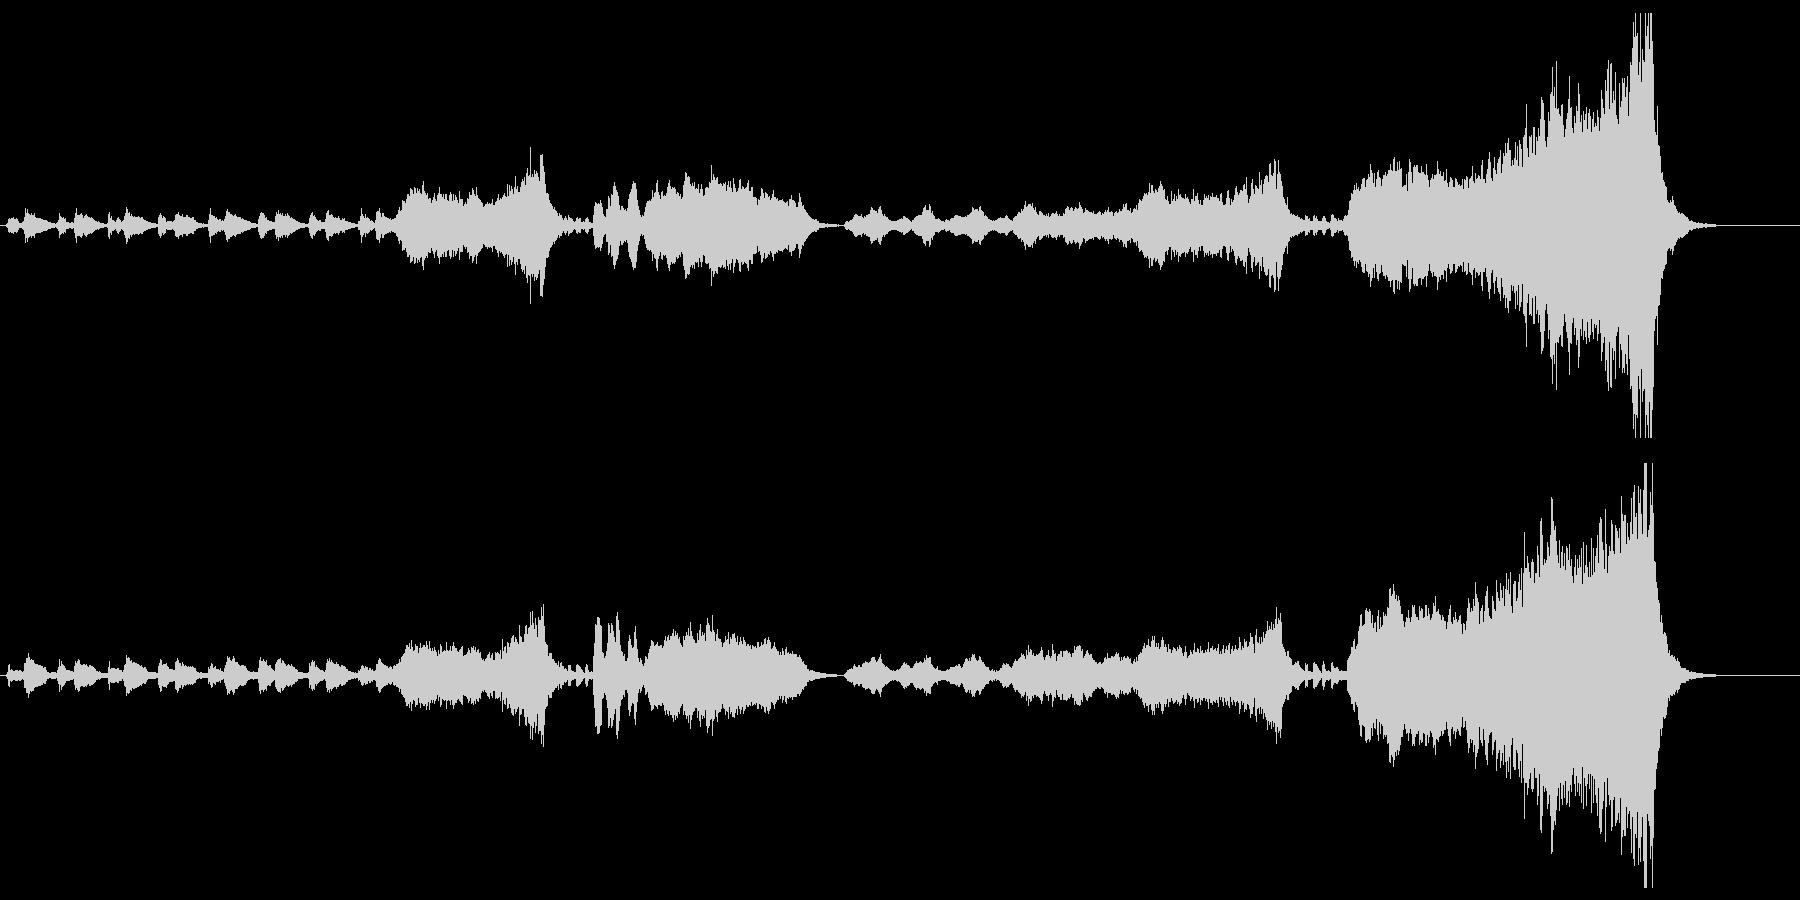 オーケストラのハッピーバースデー オケの未再生の波形